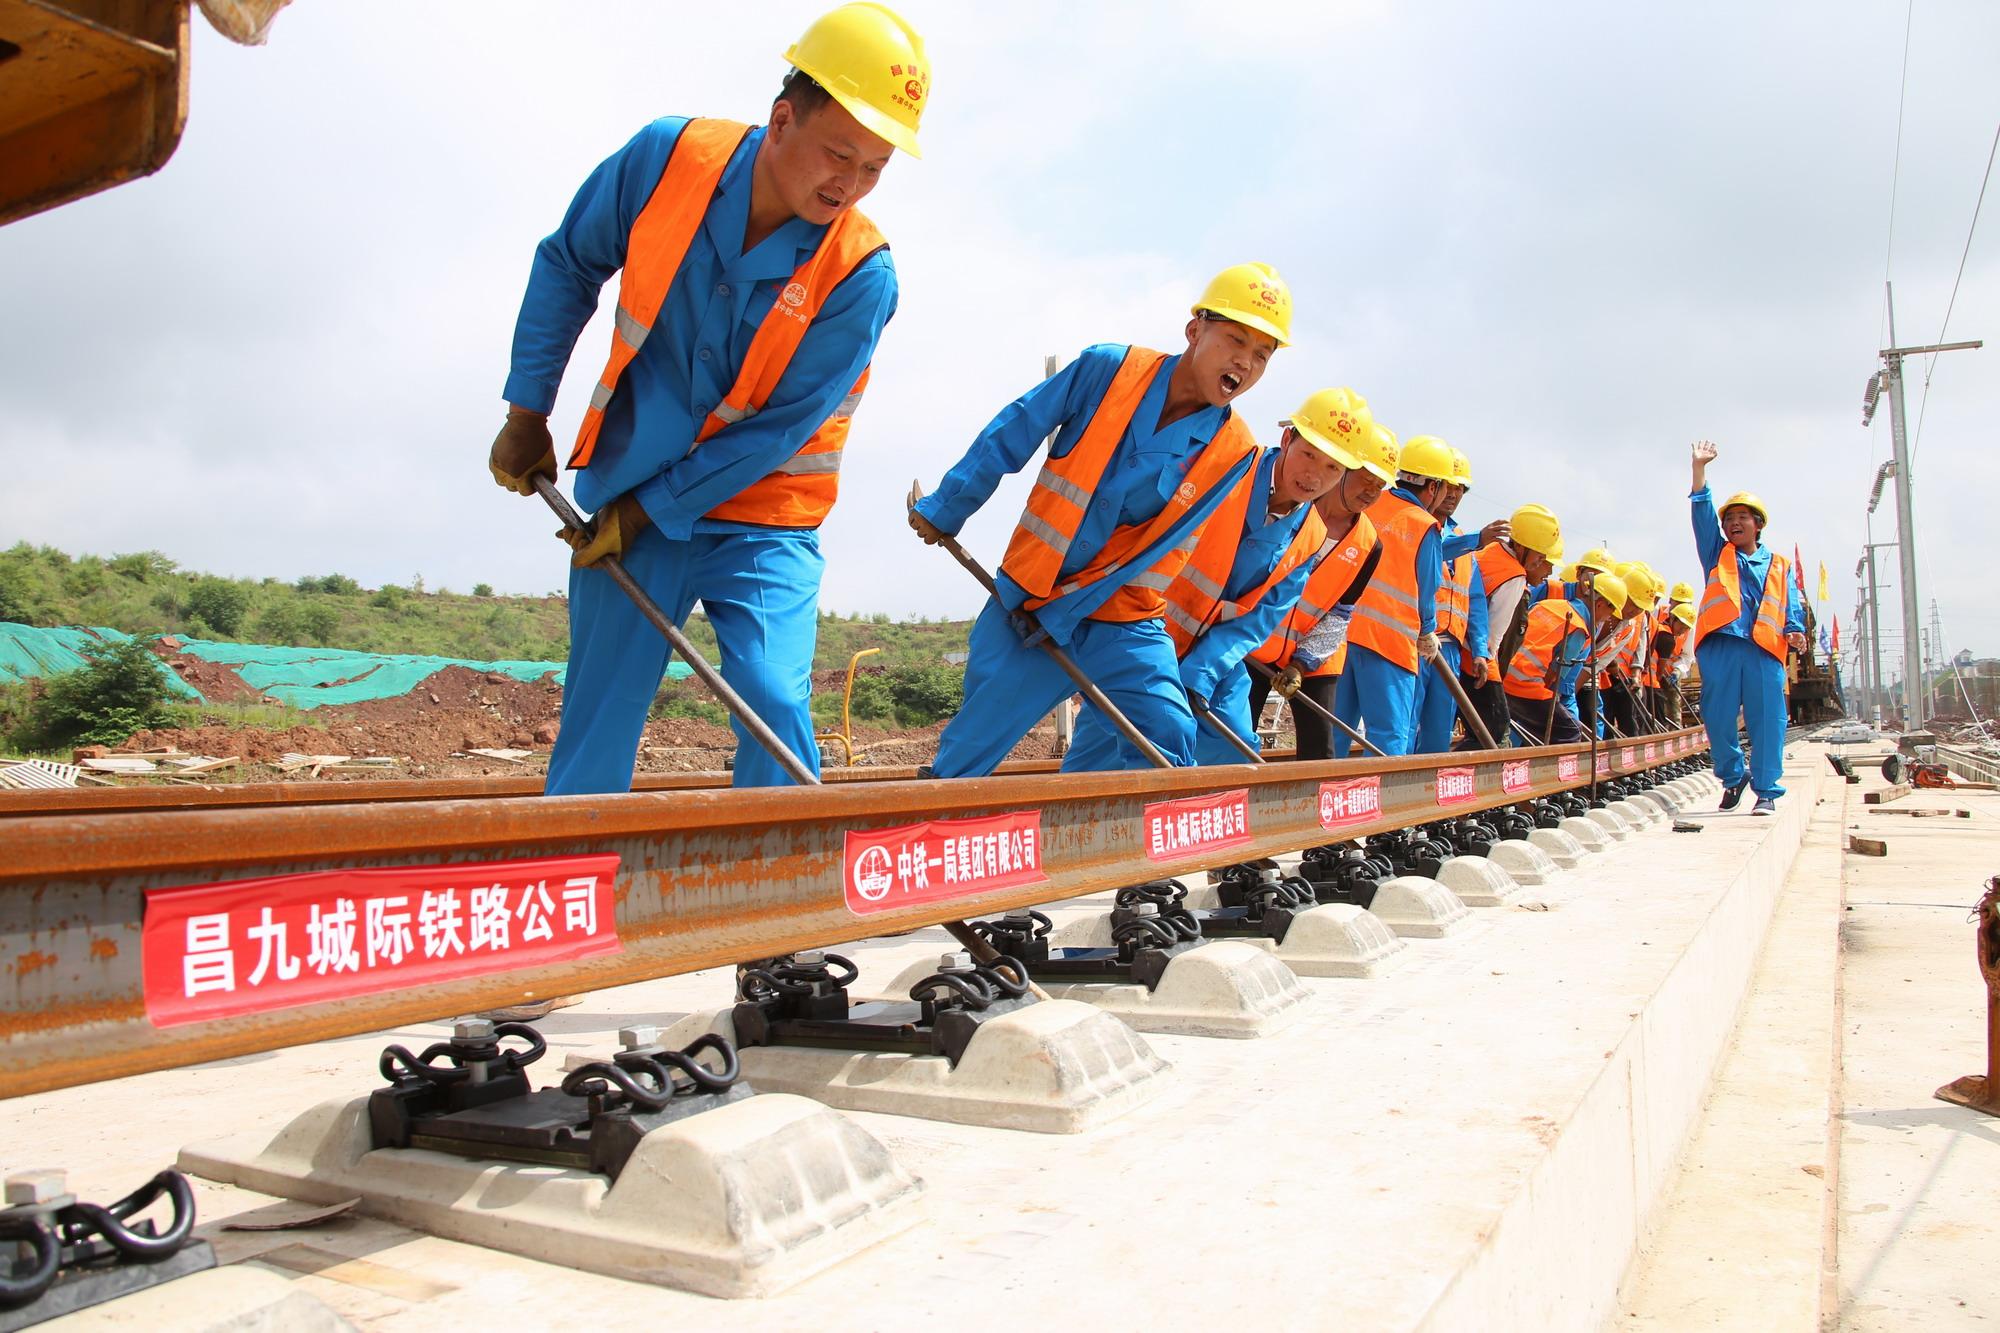 昌赣高铁全线铺轨贯通    赣南不久将进入高铁时代